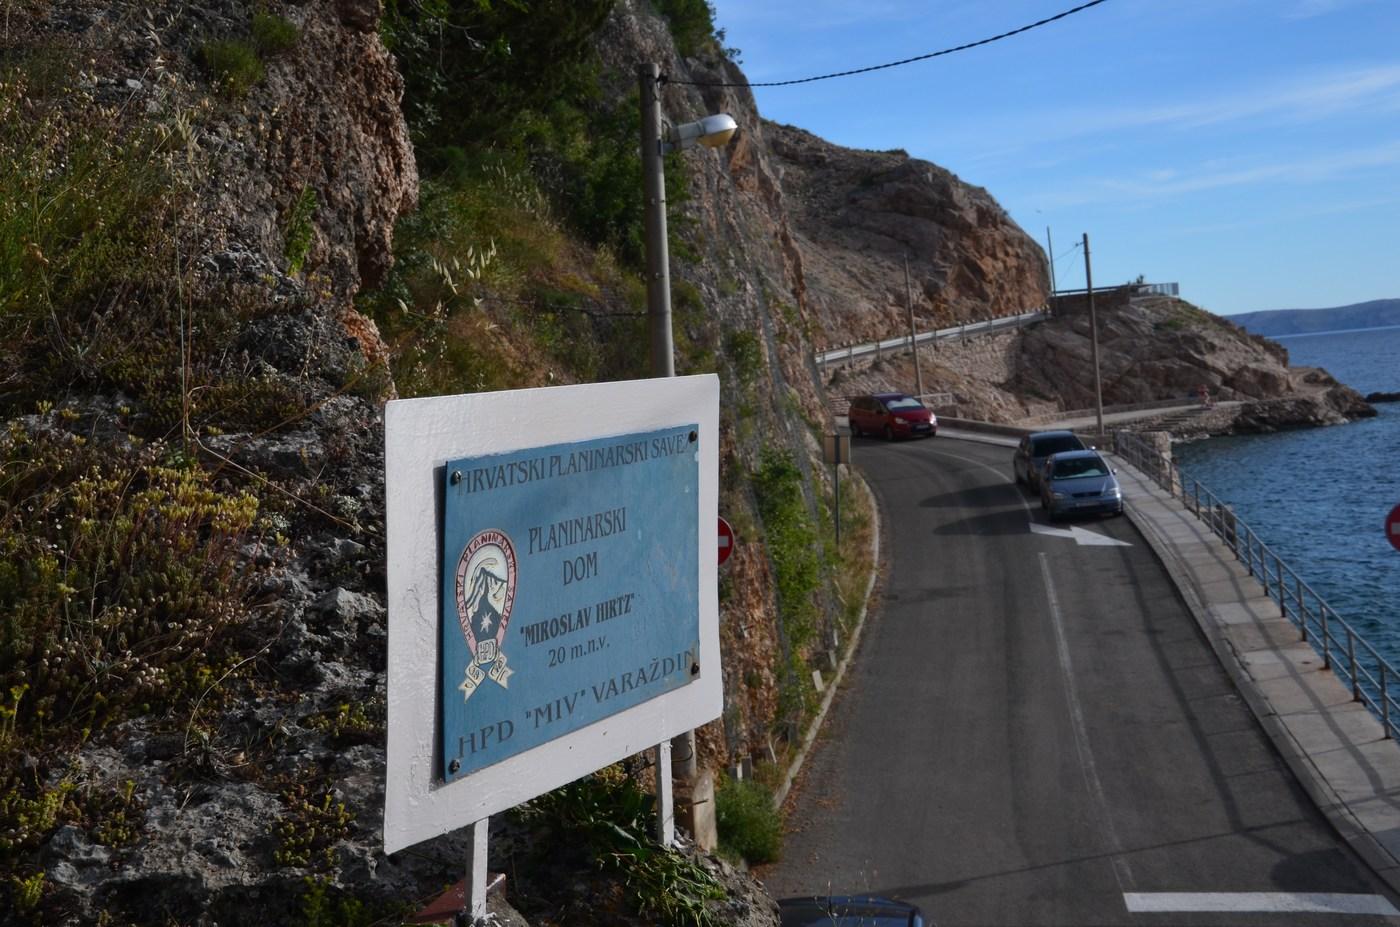 Do planinskega doma, na nadmorski višini 20-ih metrov. :-)